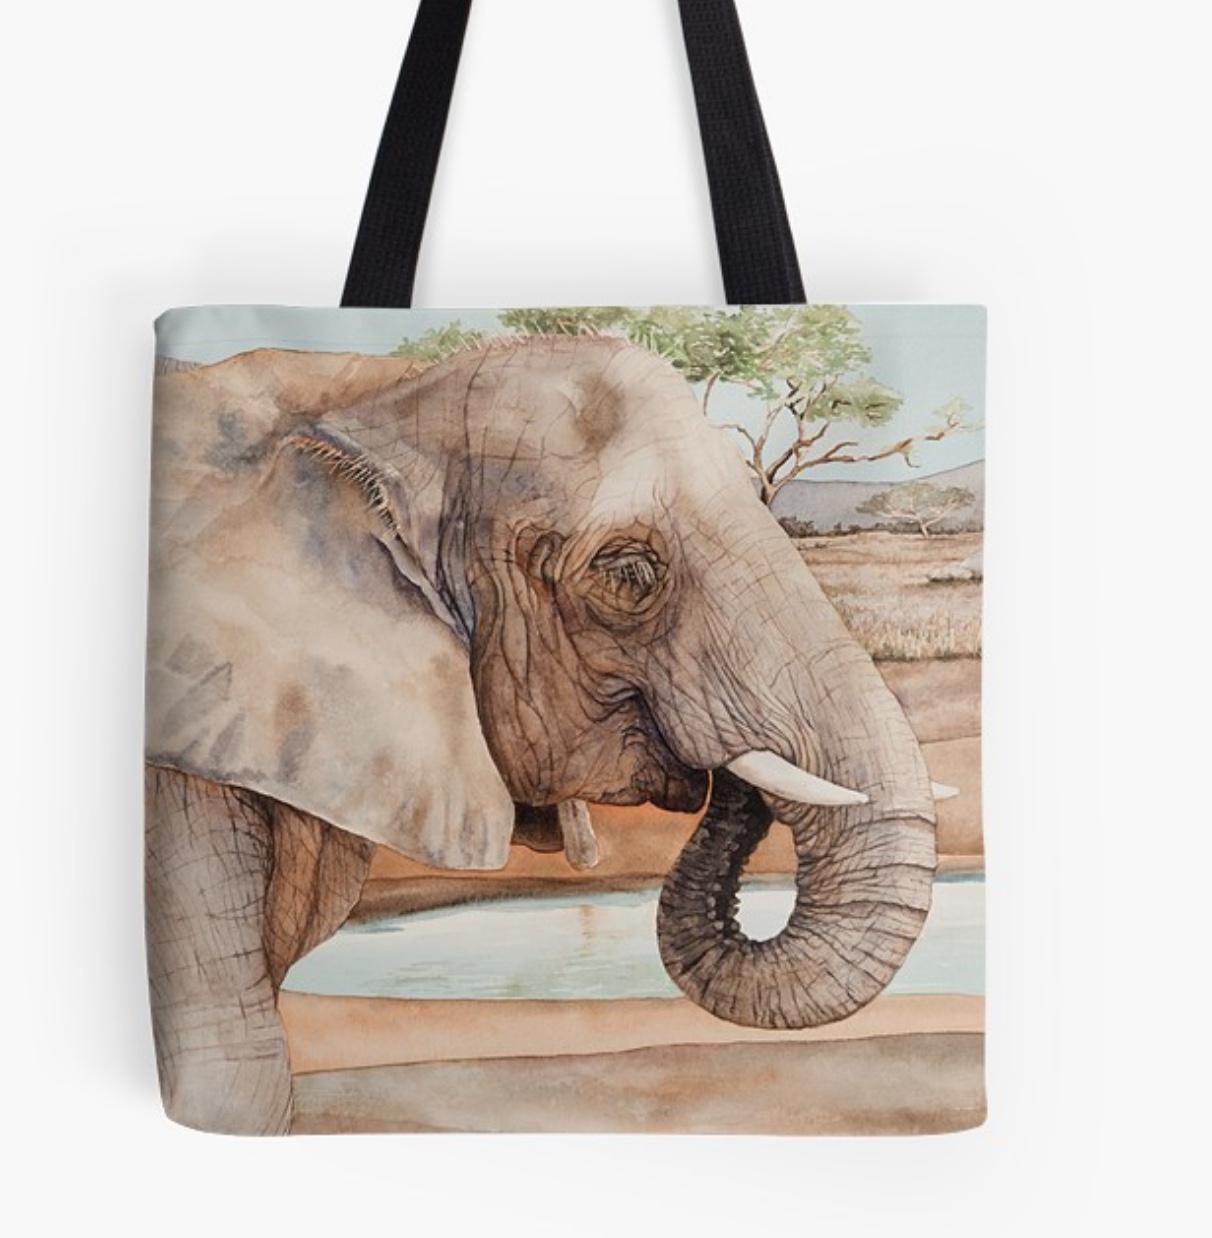 Elephant-tote.jpeg